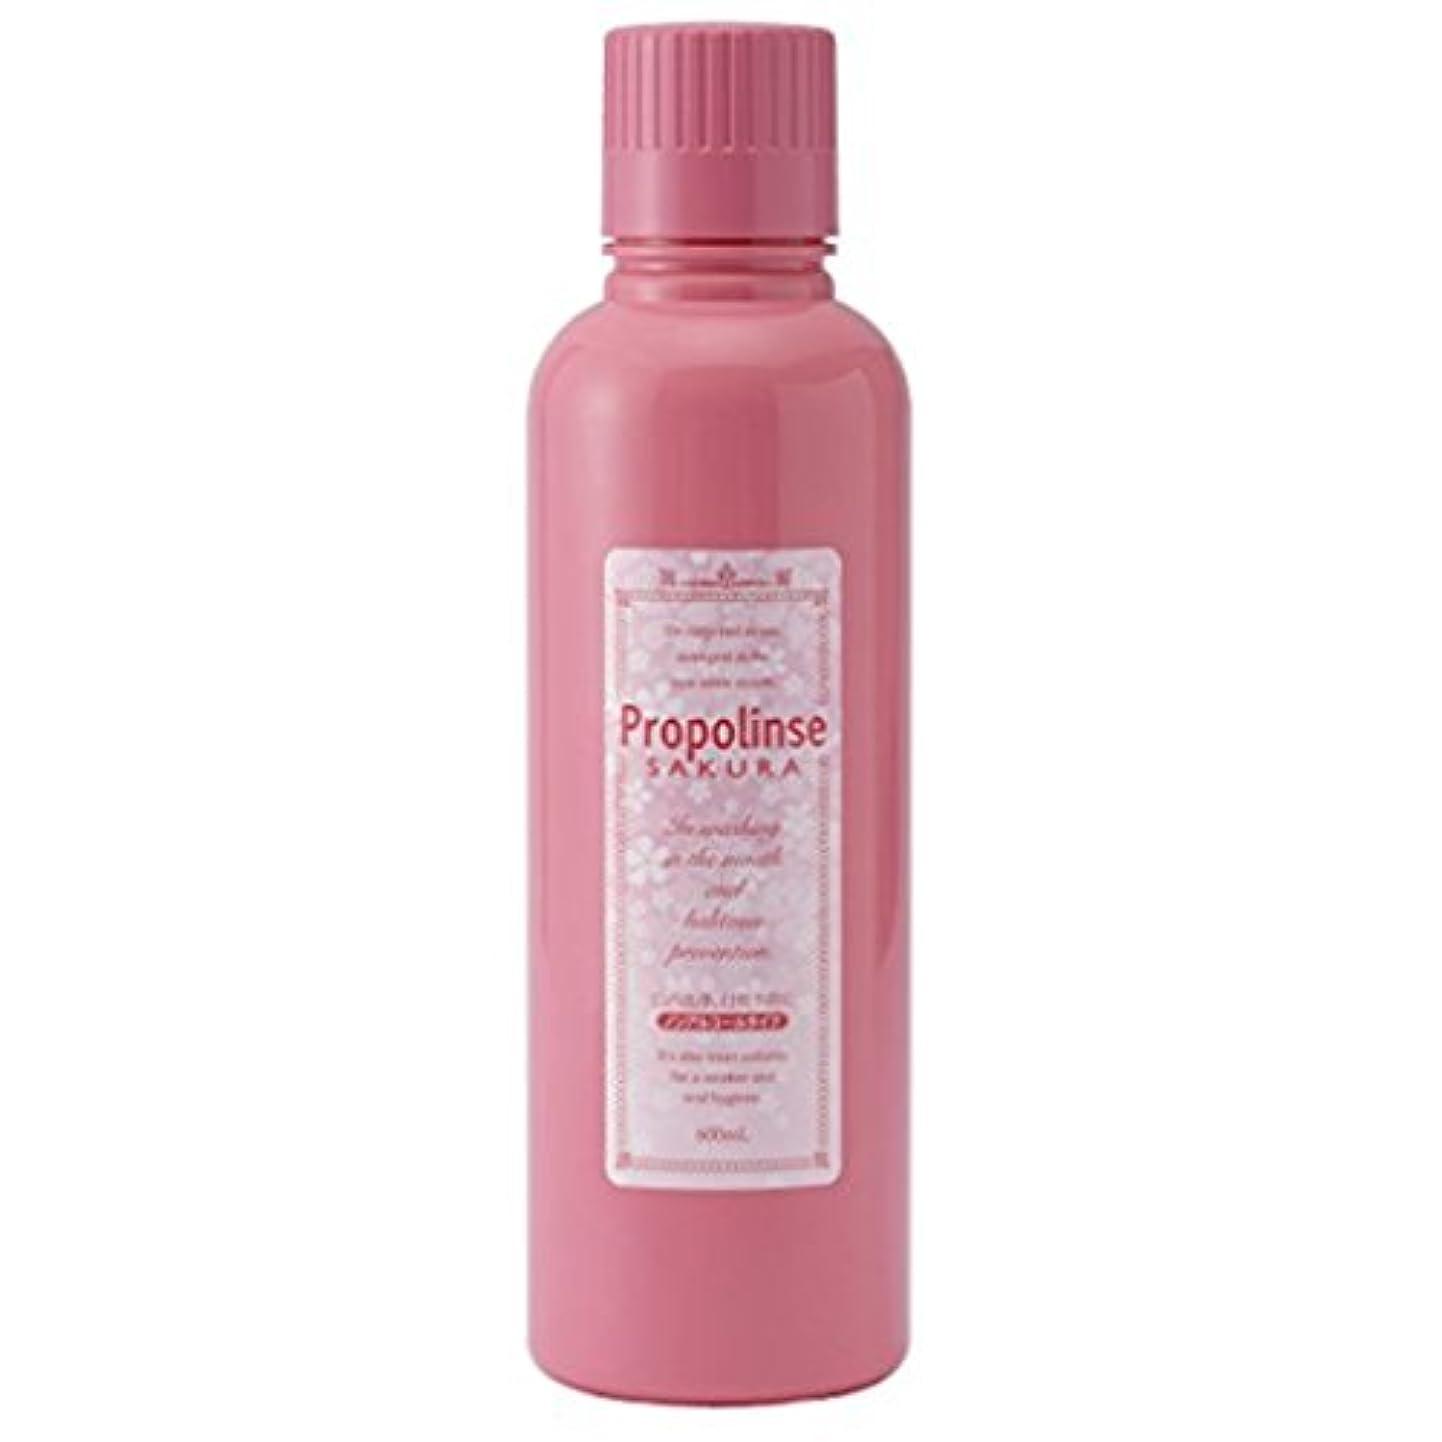 富着るピグマリオンPieras(ピエラス) プロポリンス さくらタイプ 600ml ボトル 【まとめ買い12本セット】